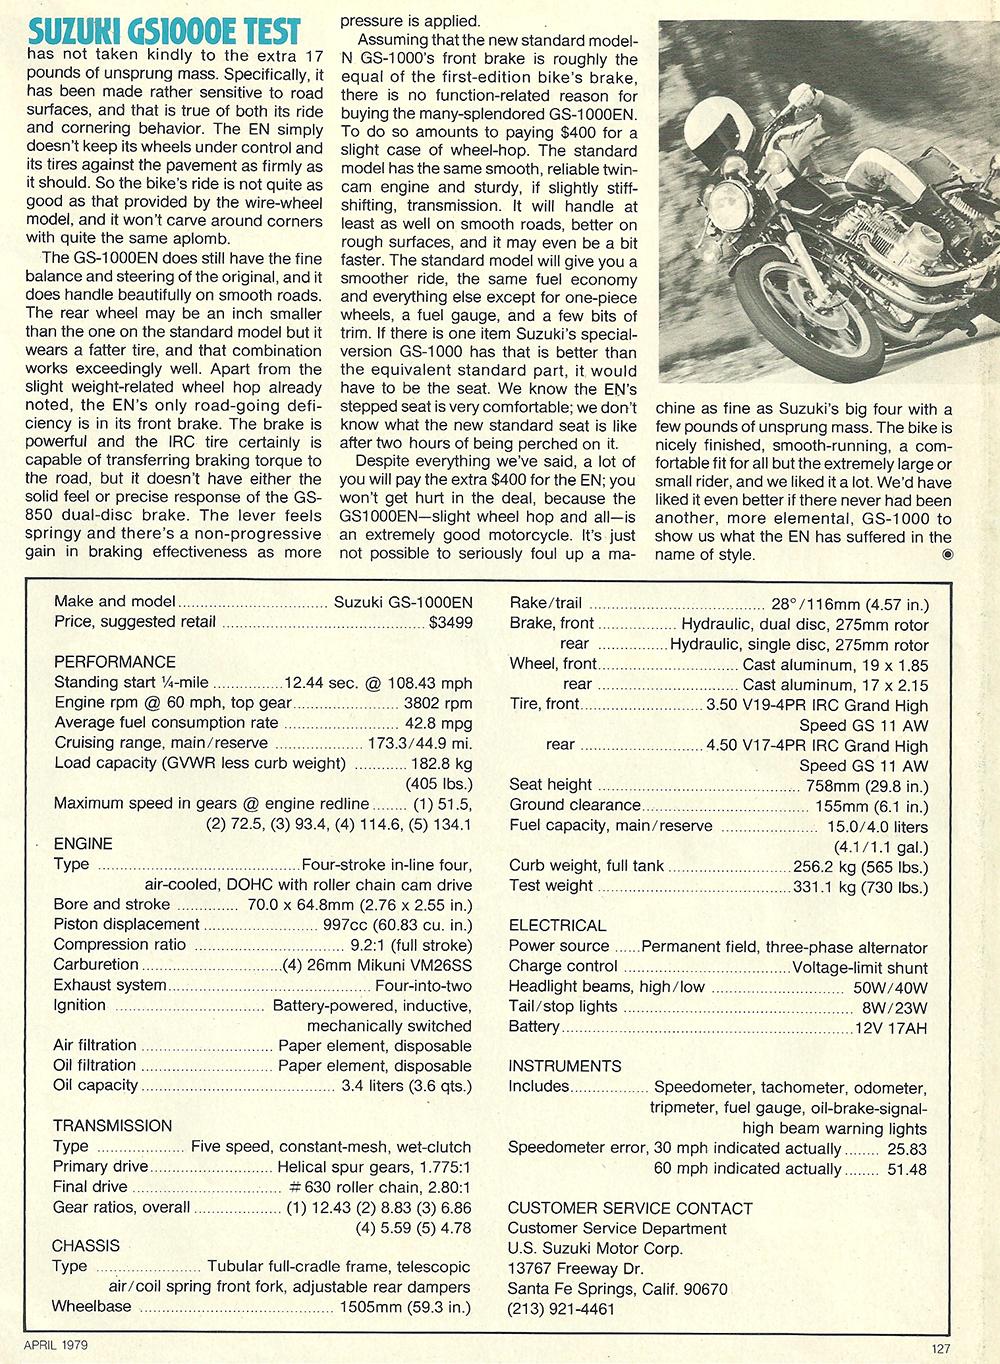 1979 Suzuki GS1000E road test 08.jpg